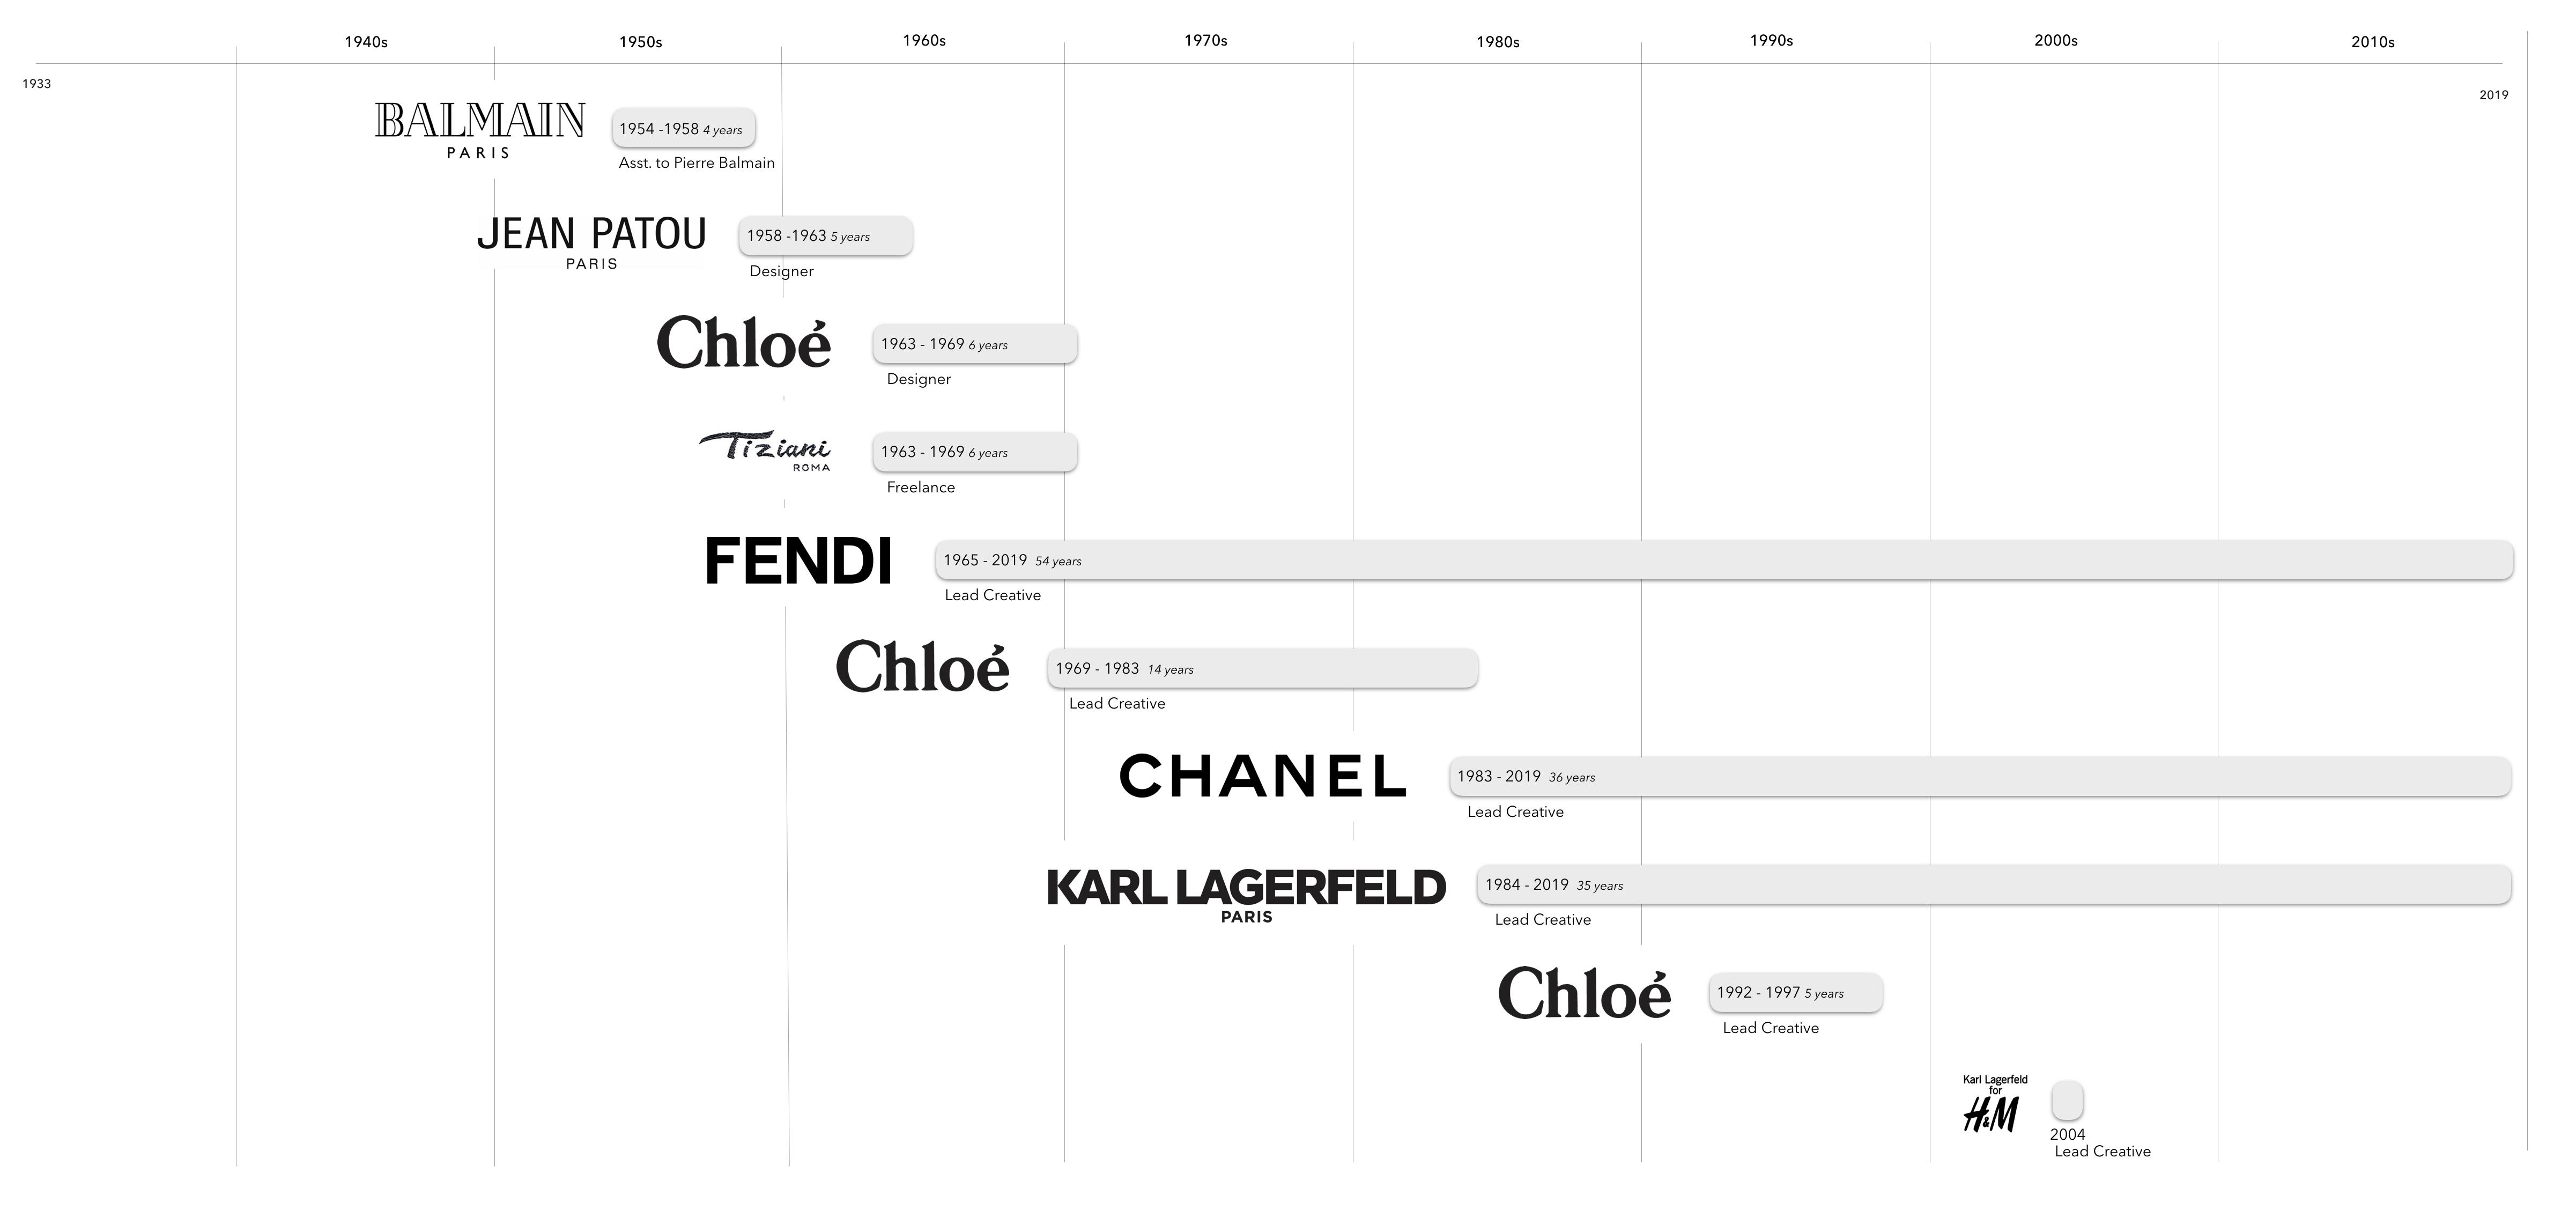 Obituary Karl Lagerfeld, Chanel & Fendi iconic fashion designer